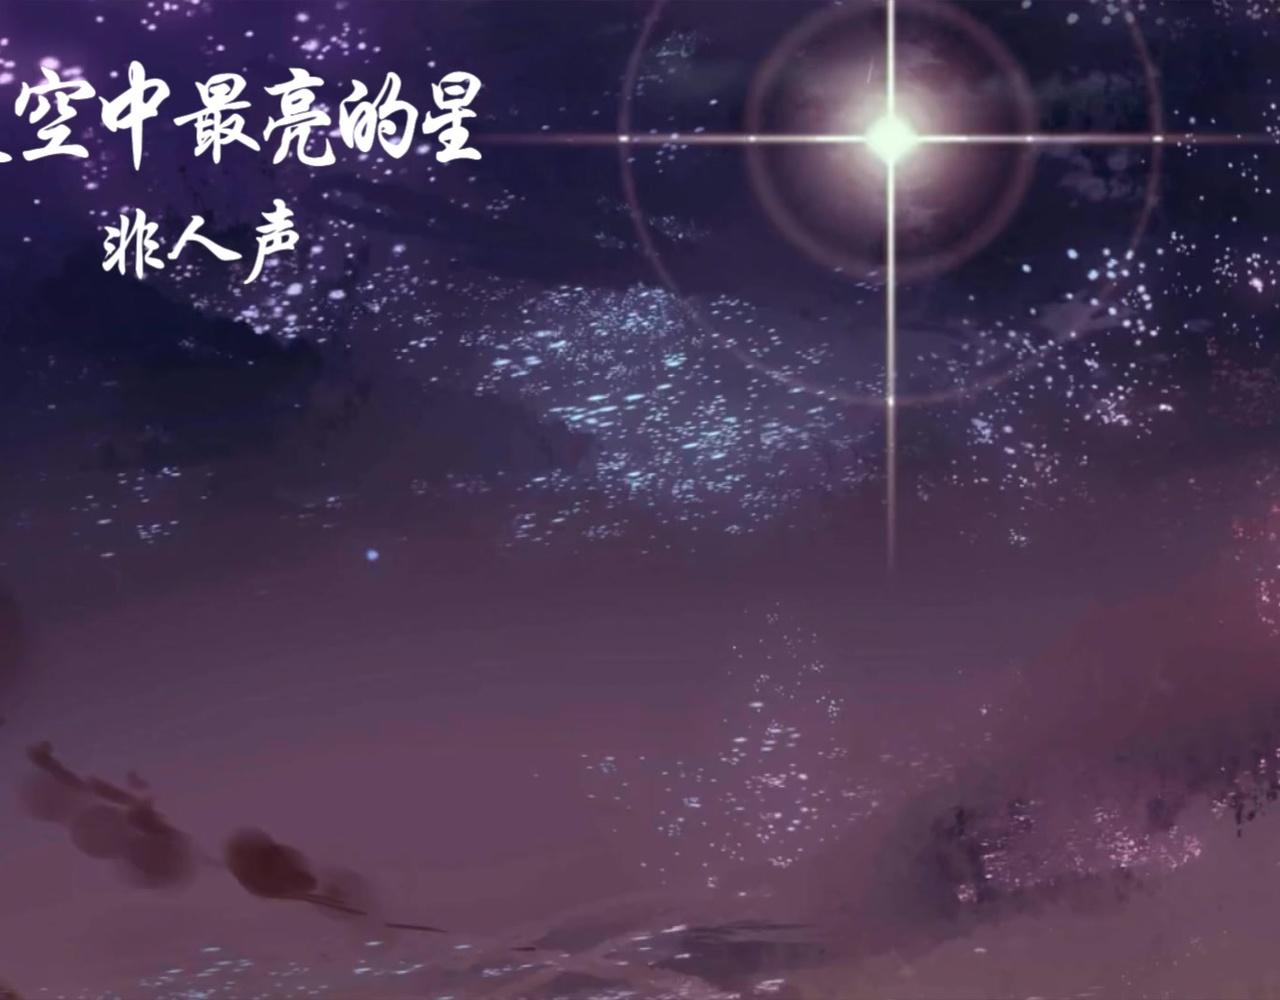 非人声-夜空中最亮的星